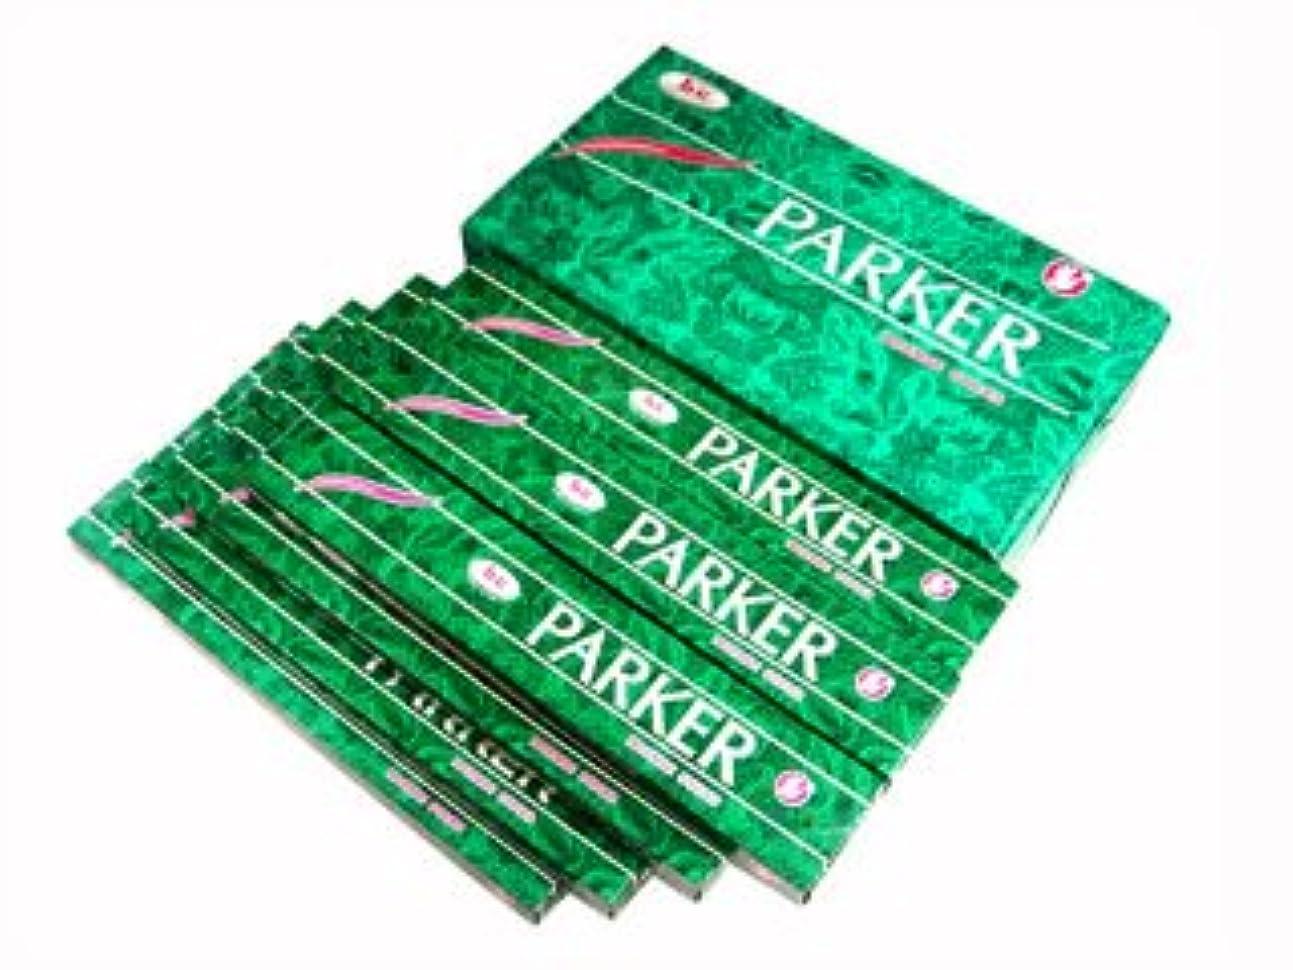 過去香り残りBIC(ビック) パーカー香 PARKER スティック 12箱セット